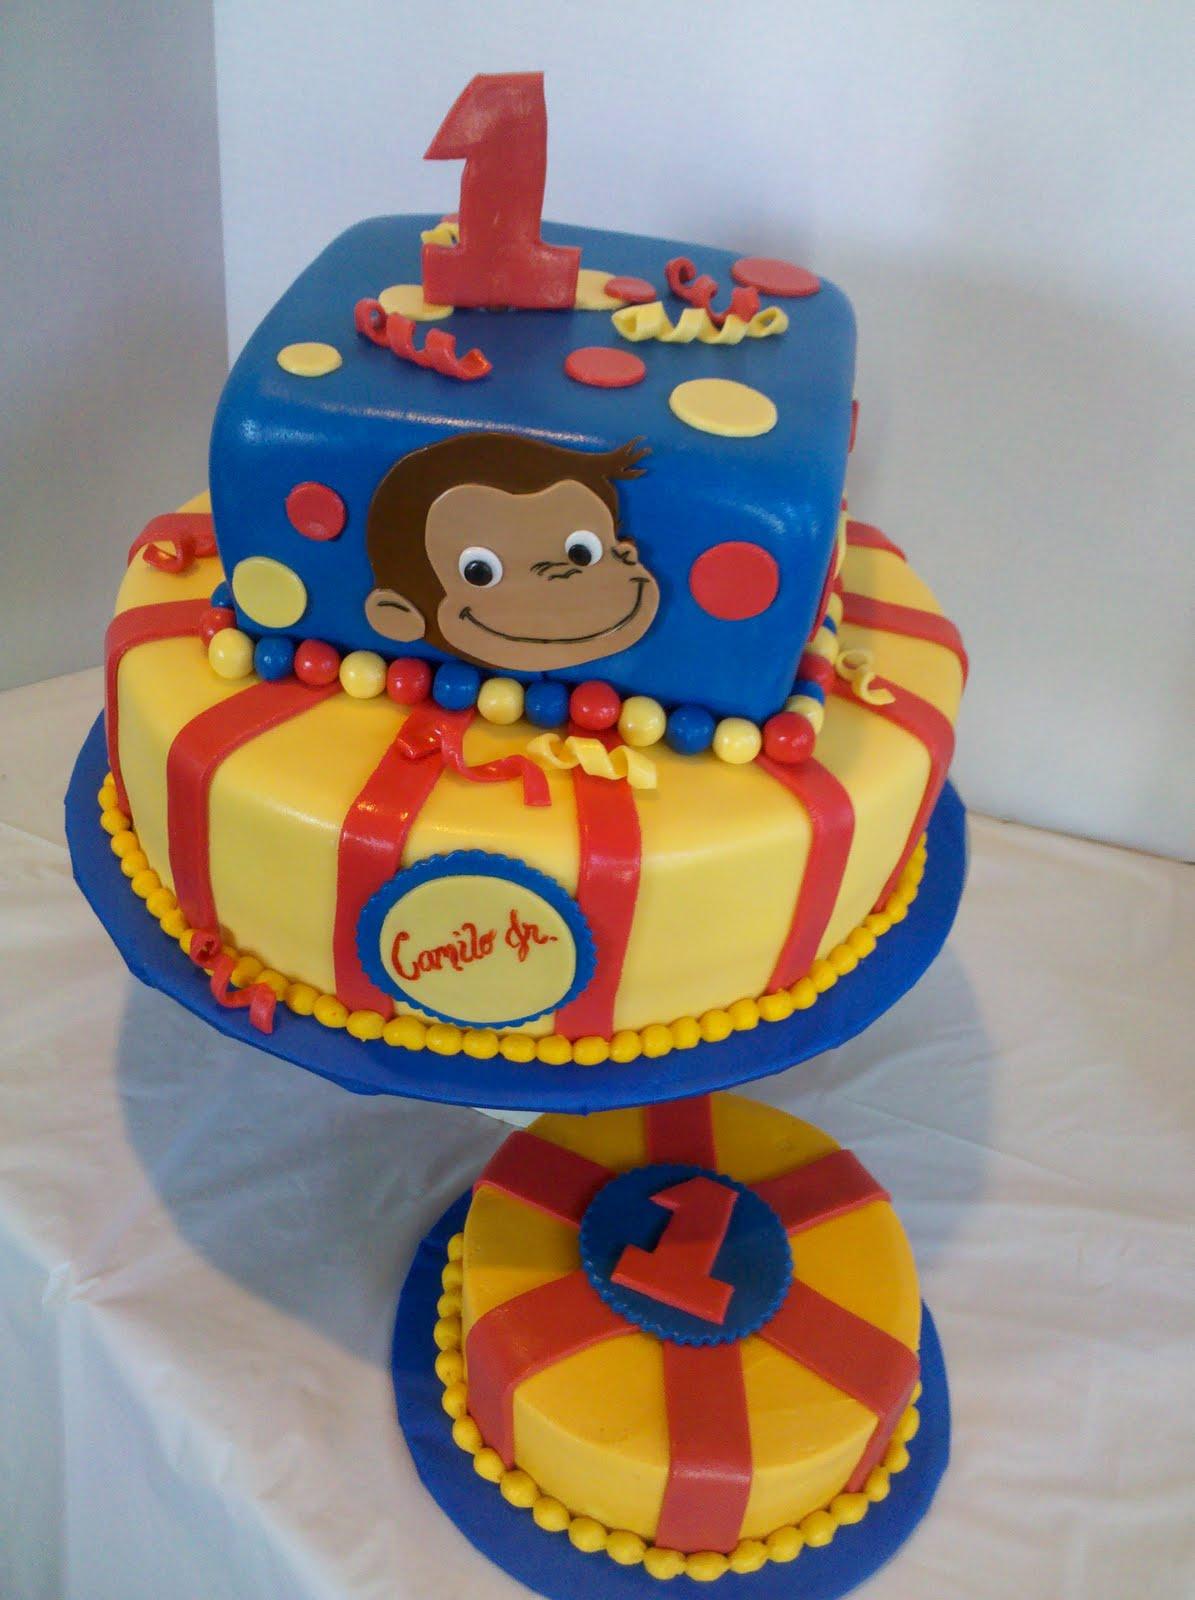 Candicakes Cakes For Kiddos Take 2